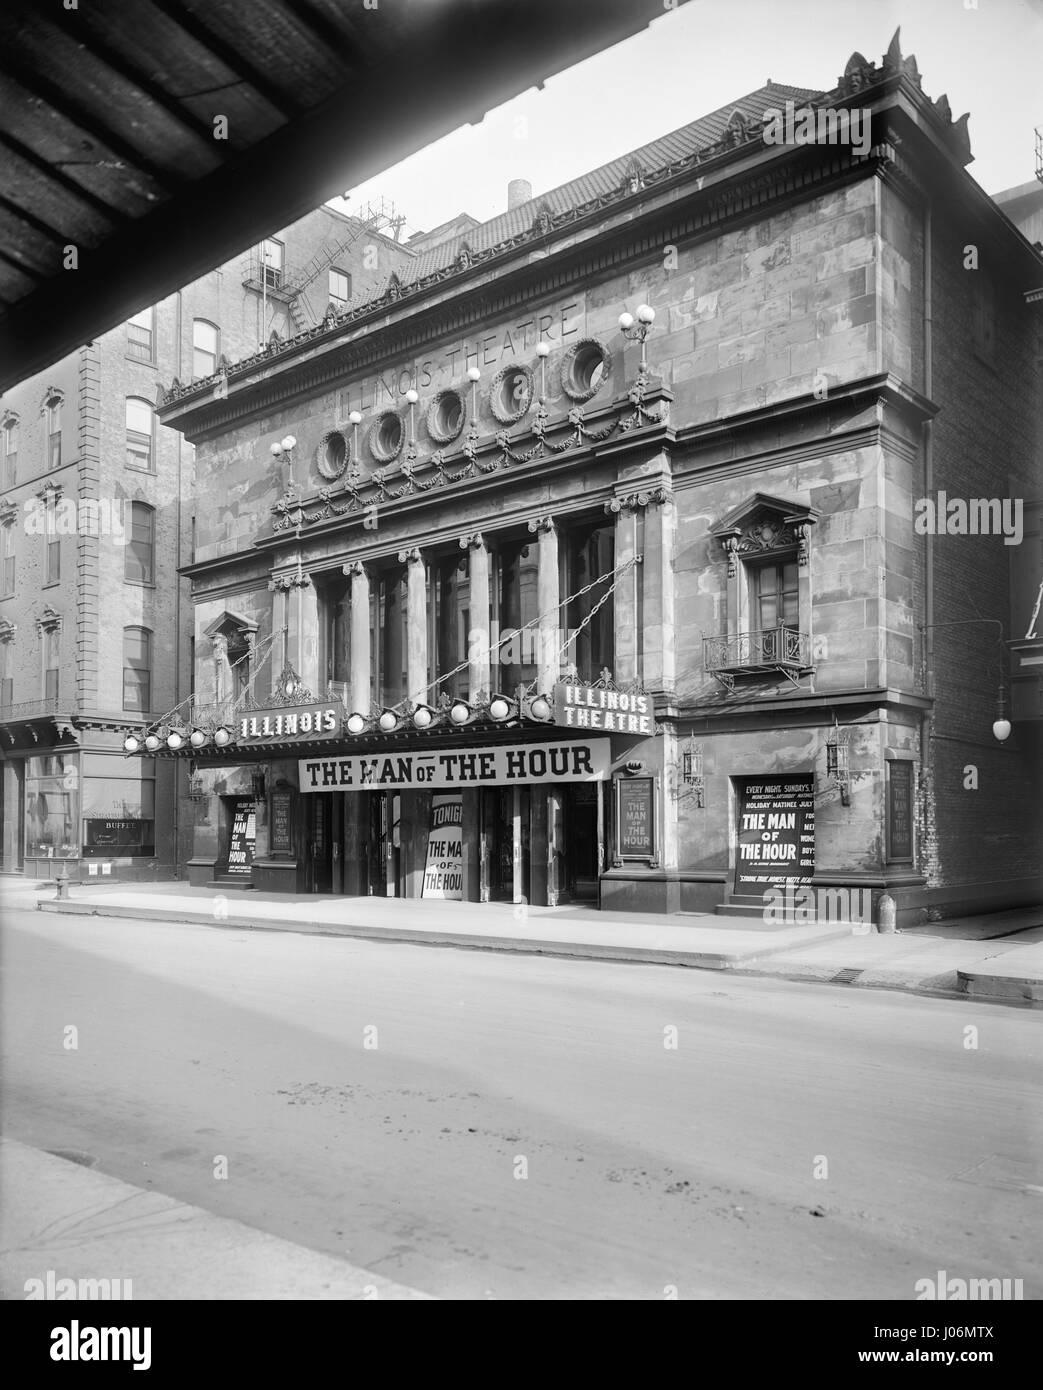 Illinois Theater, Chicago, Illinois, USA, Detroit Publishing Company, 1900 - Stock Image